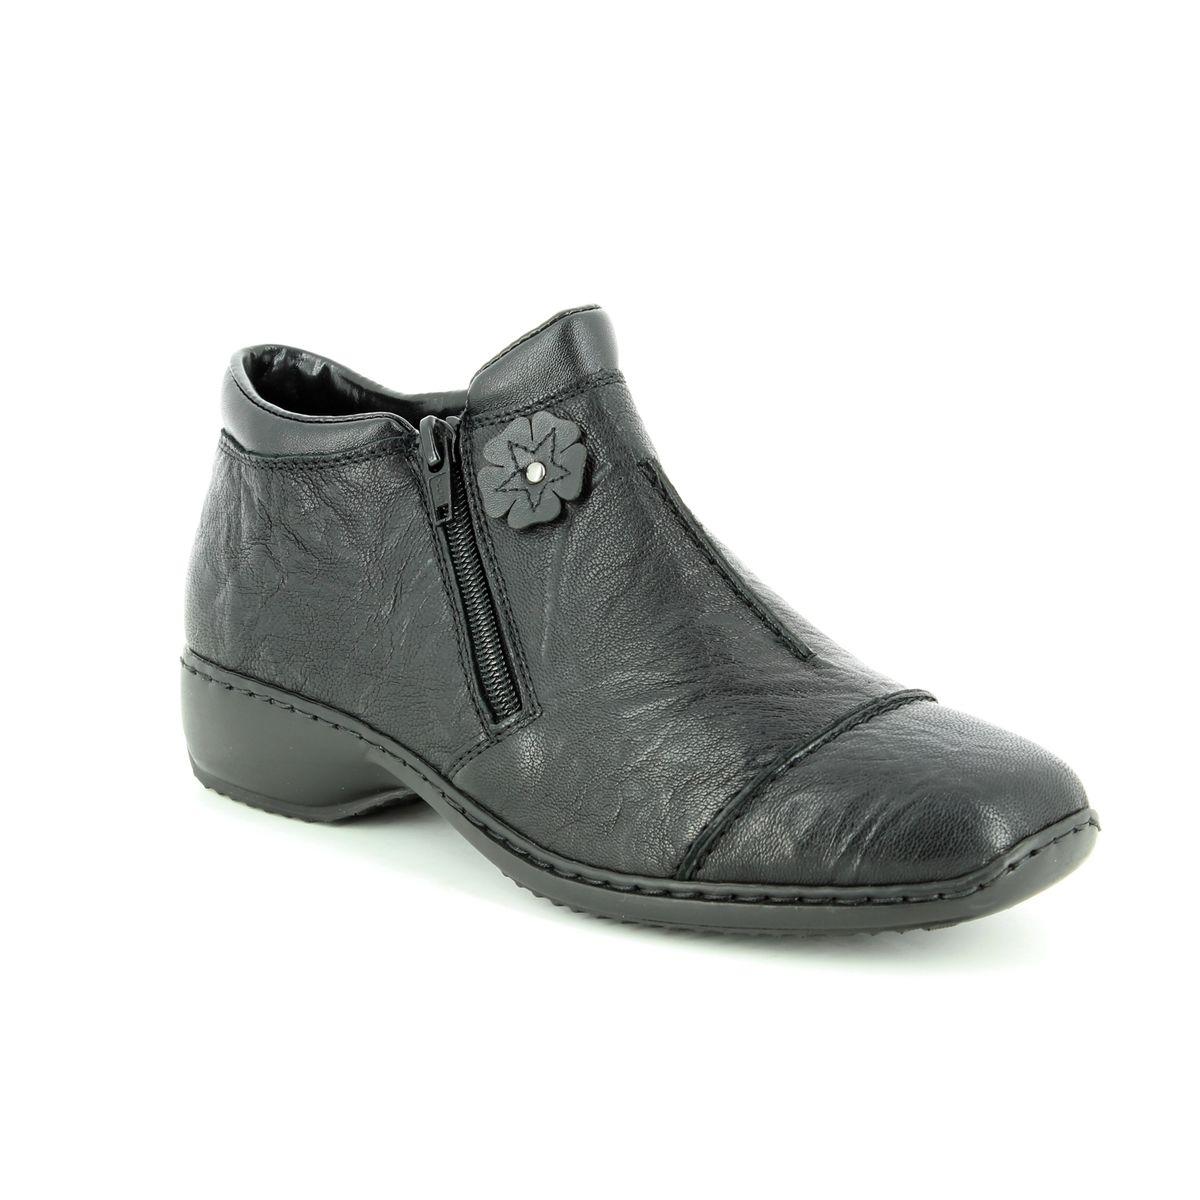 ba167c9b947a Rieker Ankle Boots - Black - L3888-00 DORBOFLO